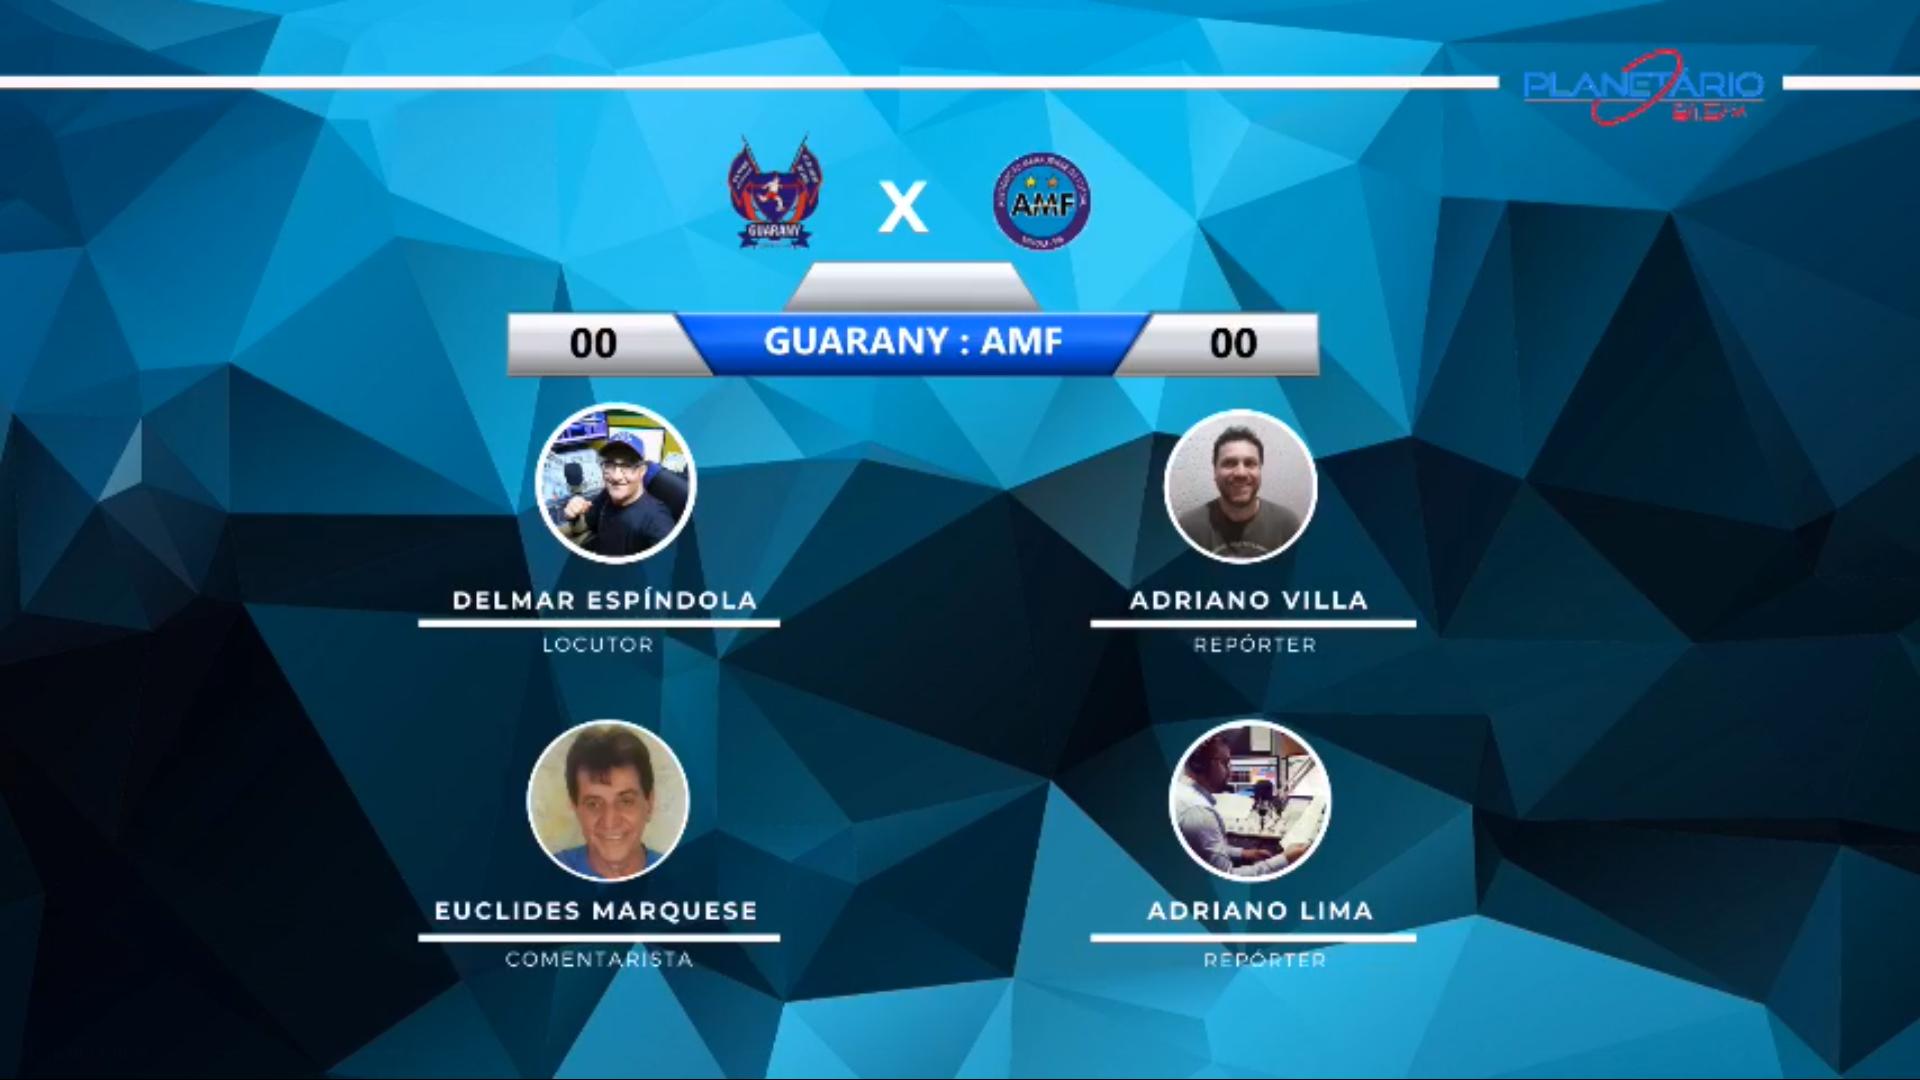 Jogo Guarany vs AMF em Espumoso